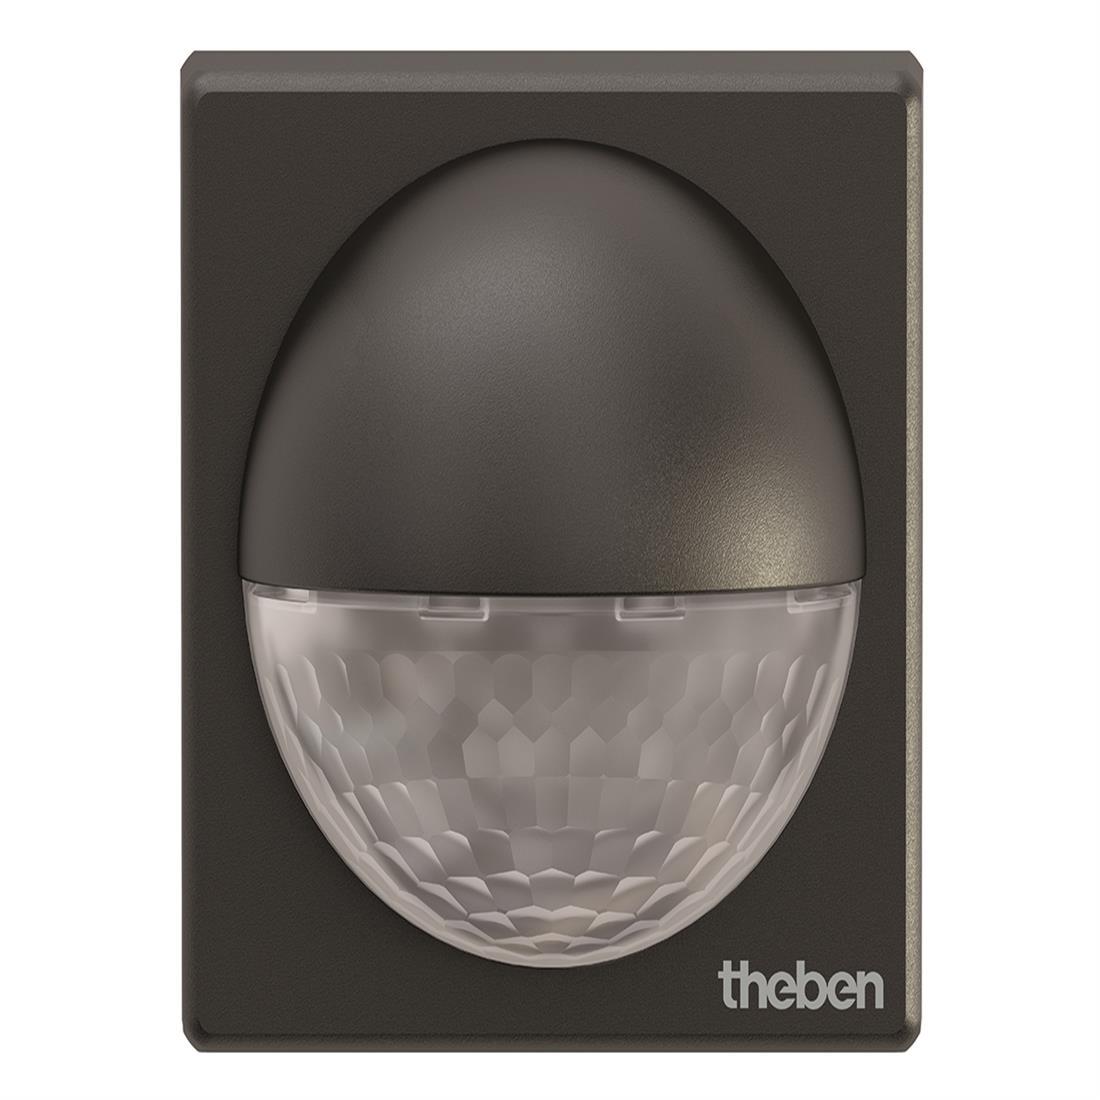 Theben bewegingsmelder buiten 180 graden en diameter reikwijdte 12 m - zwart (theLuxa R180 BK)